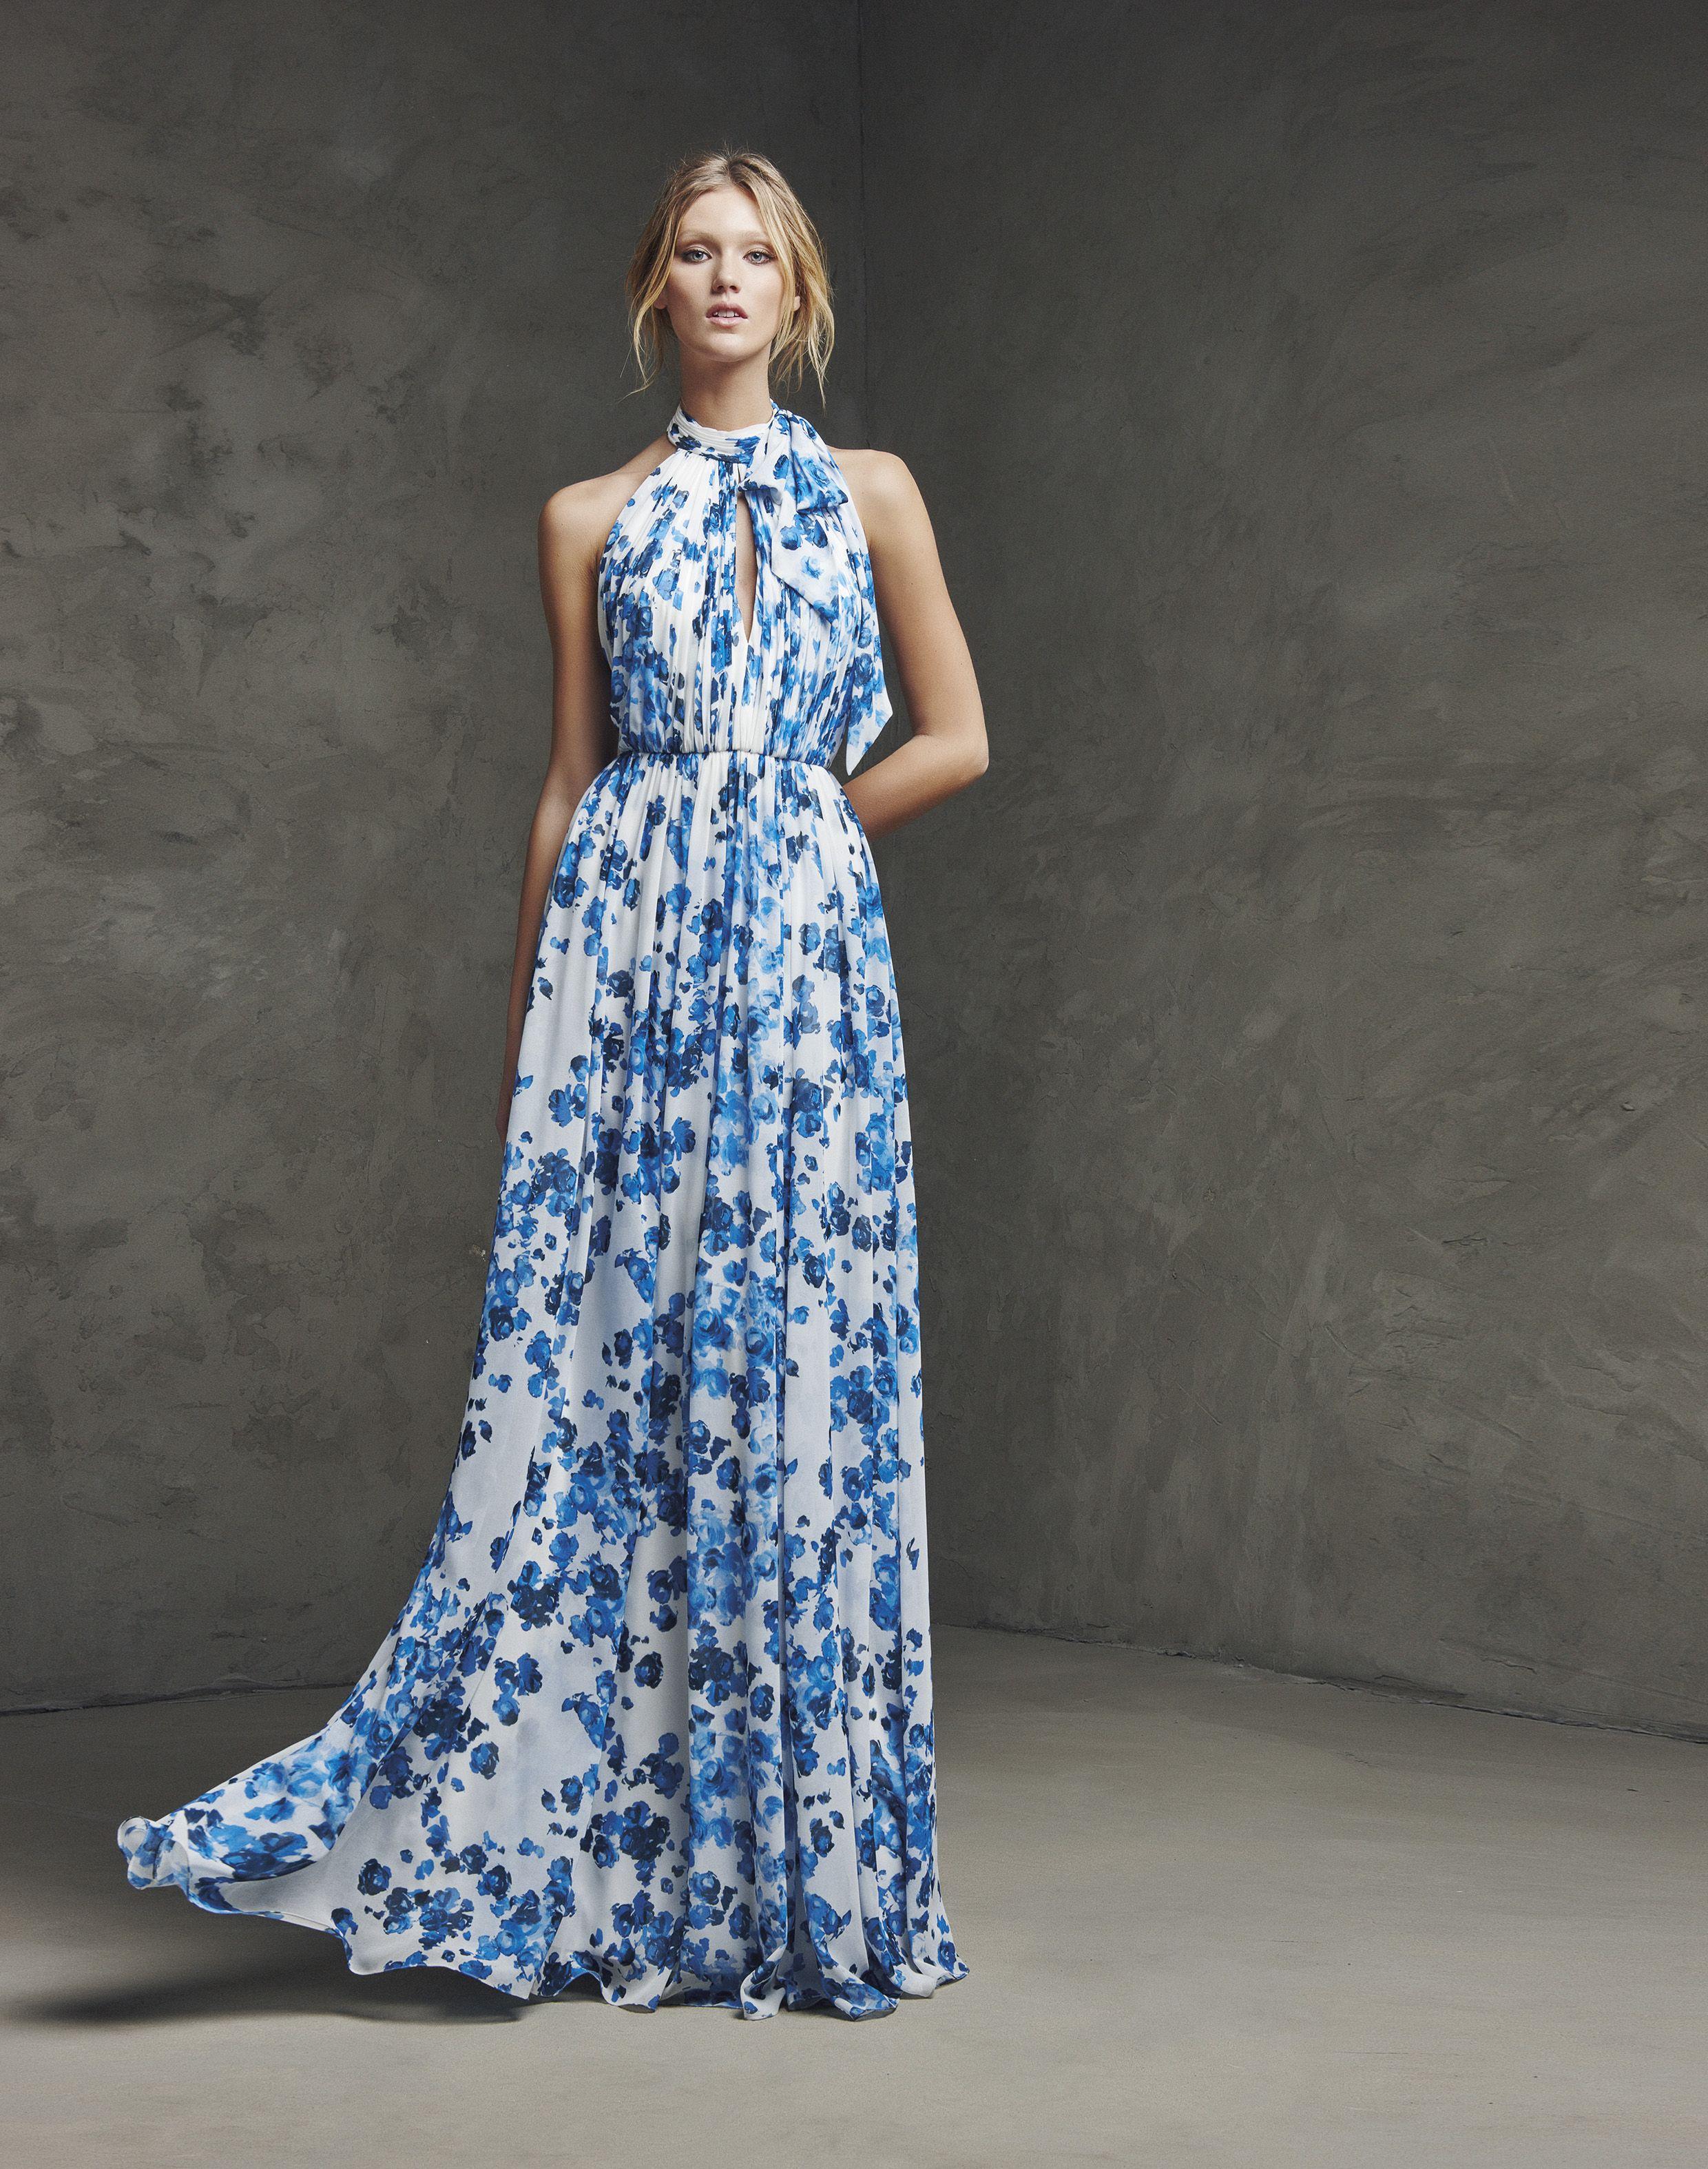 Vestidos de festa com estampados florais para 2016: vai adorar ...